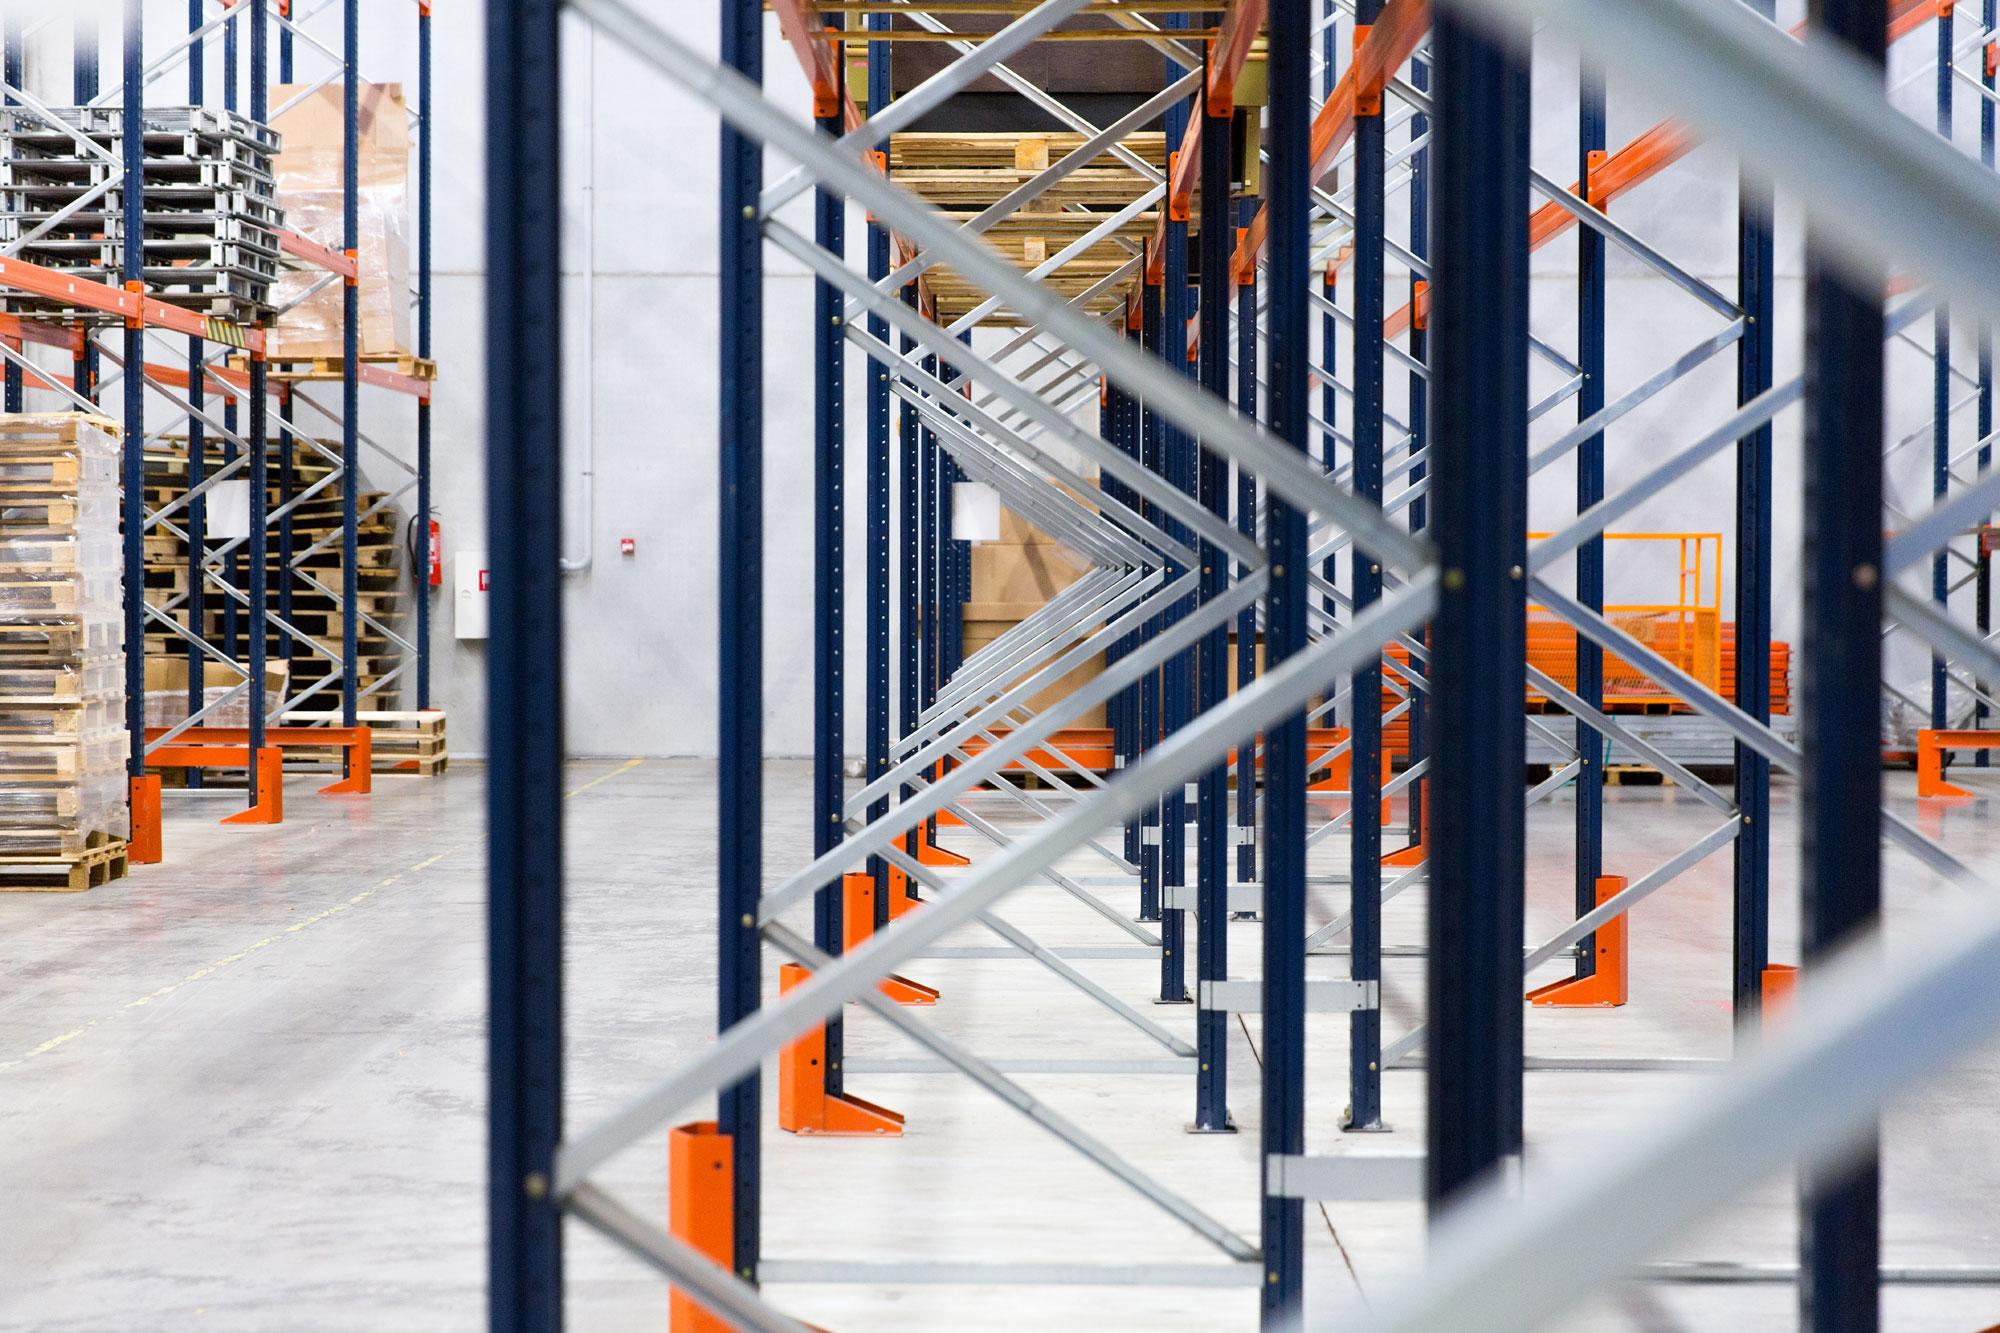 Gruppo Lavoro Service - Montaggio e smontaggio scaffalature Bari